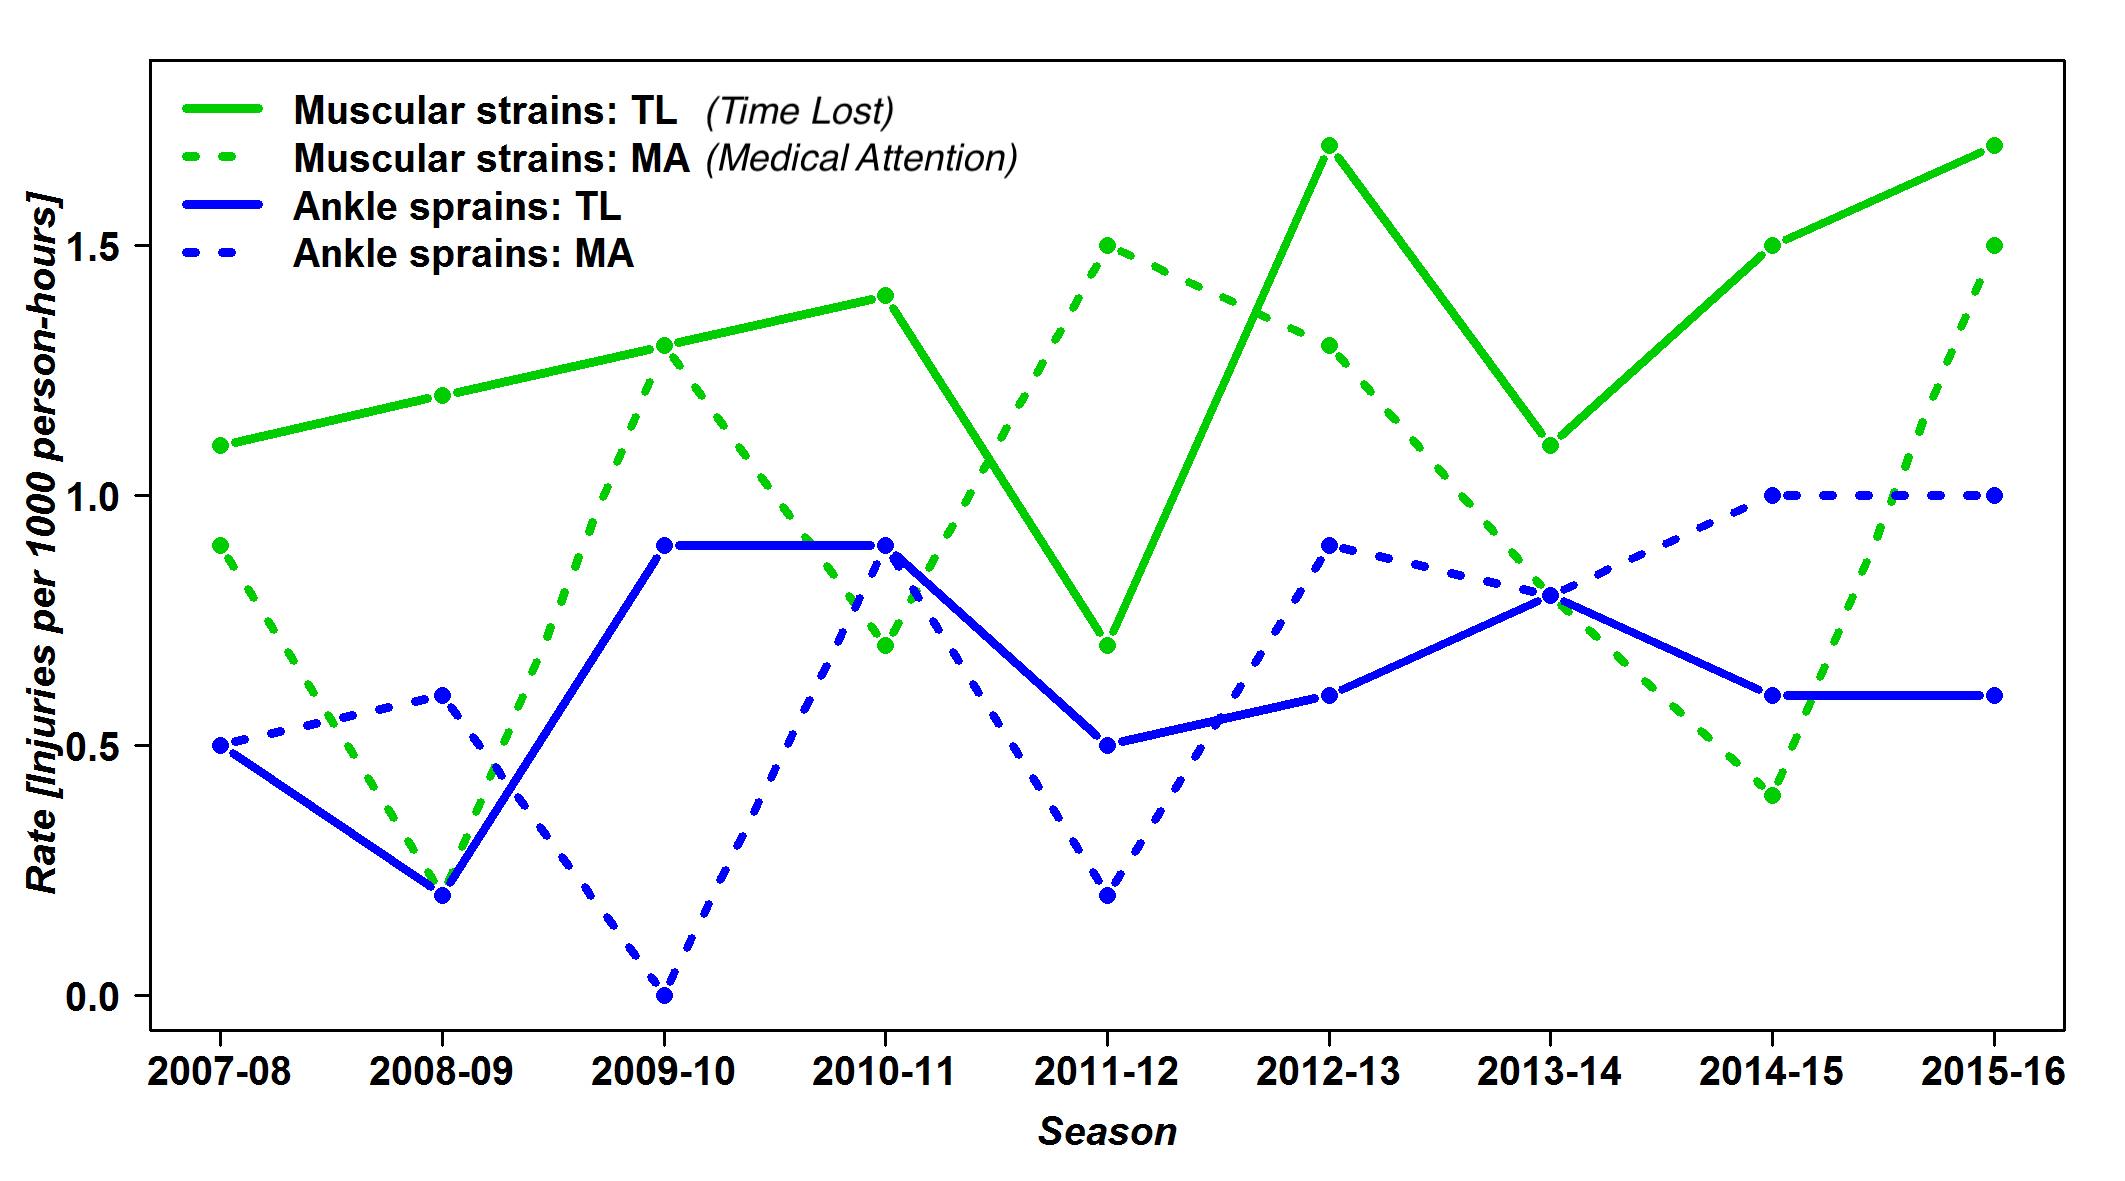 Tasas de incidencia de pérdida de tiempo (TL, por sus siglas en inglés) y atención médica (MA, por sus siglas en inglés) según los 2 tipos de lesiones evaluadas (esguinces de tobillo y distensiones musculares) por temporada-año.